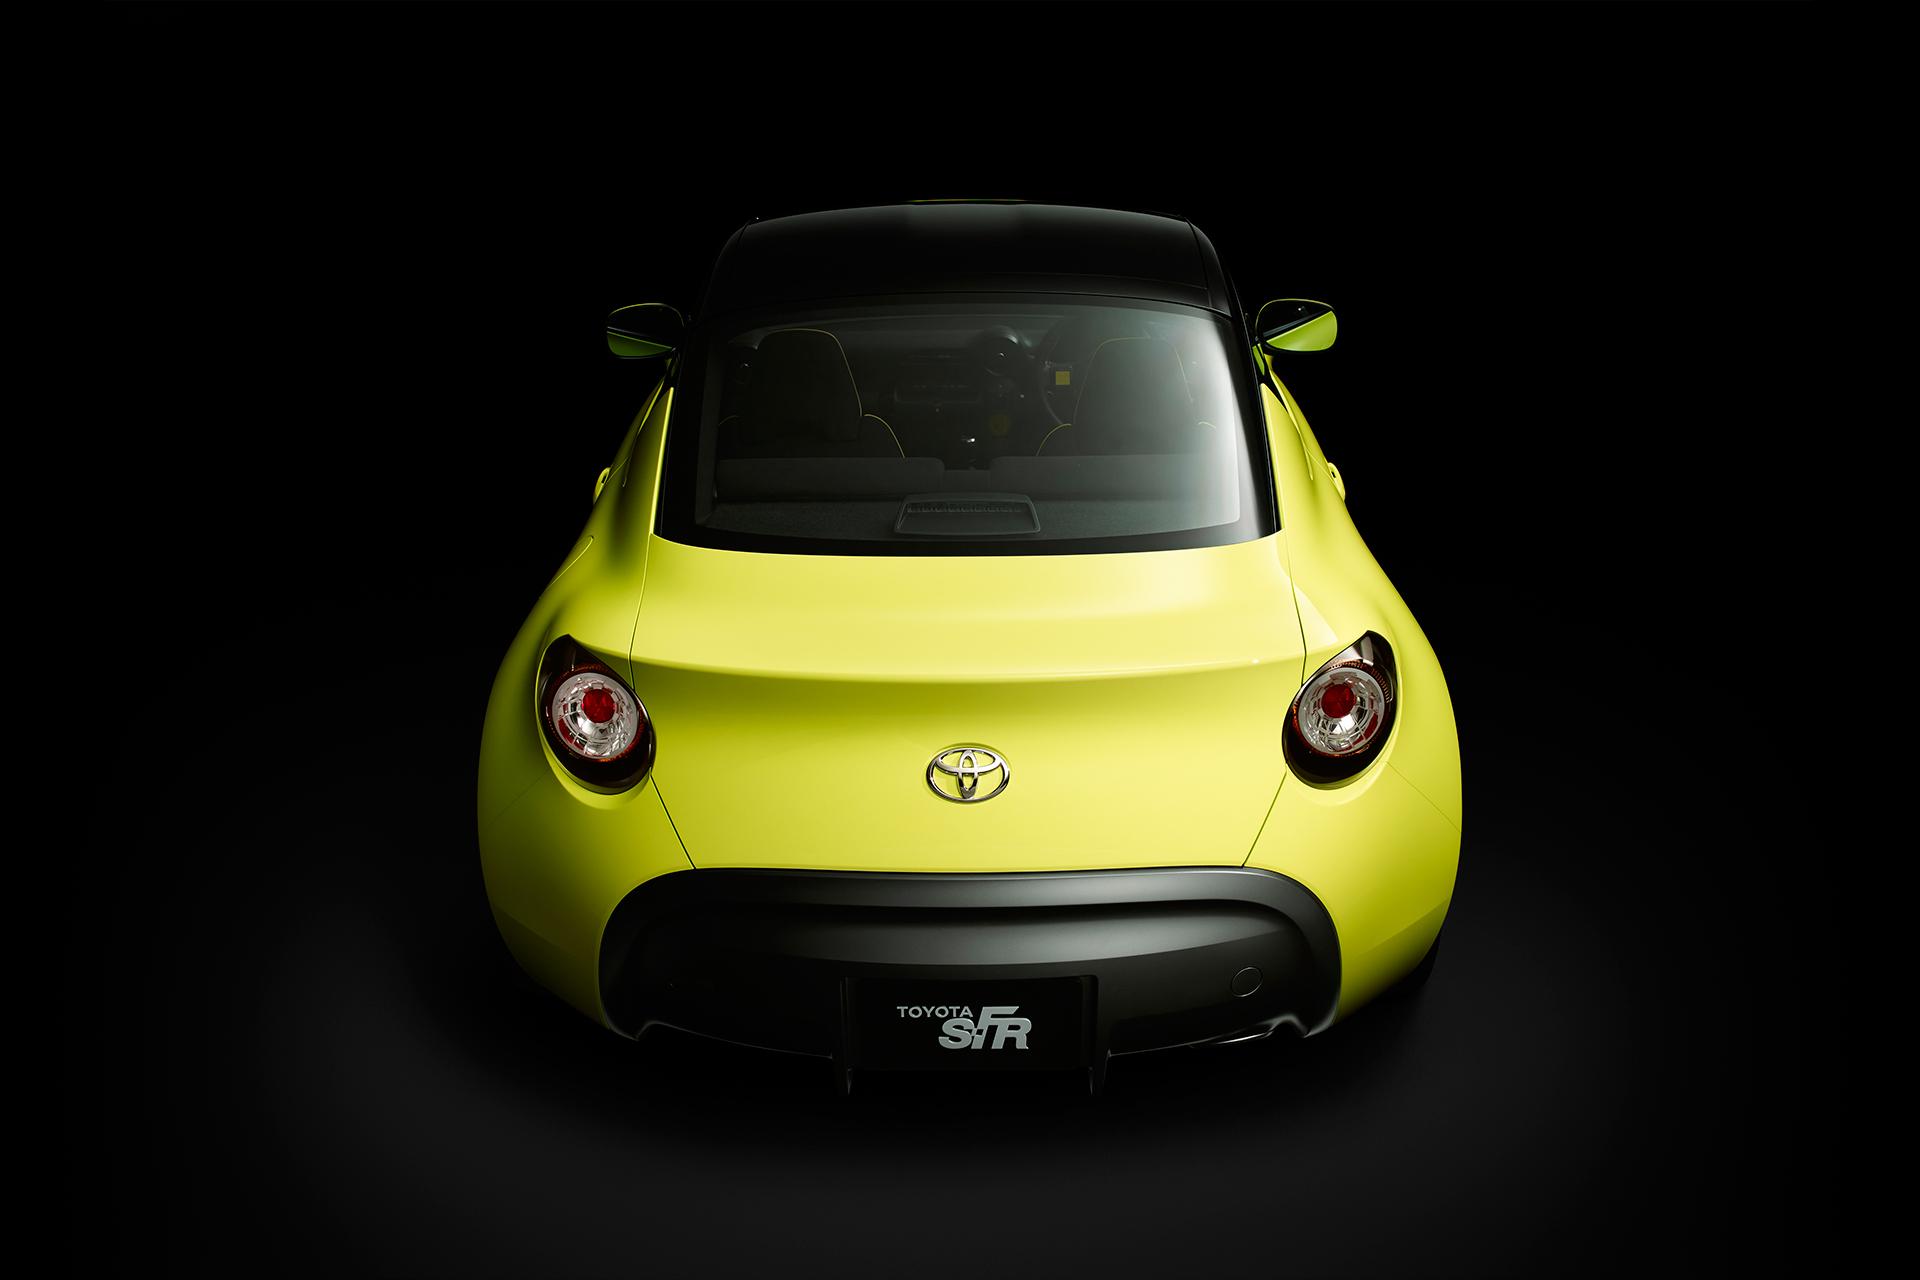 Toyota S-FR Concept - 2015 - arrière / rear - toit / top